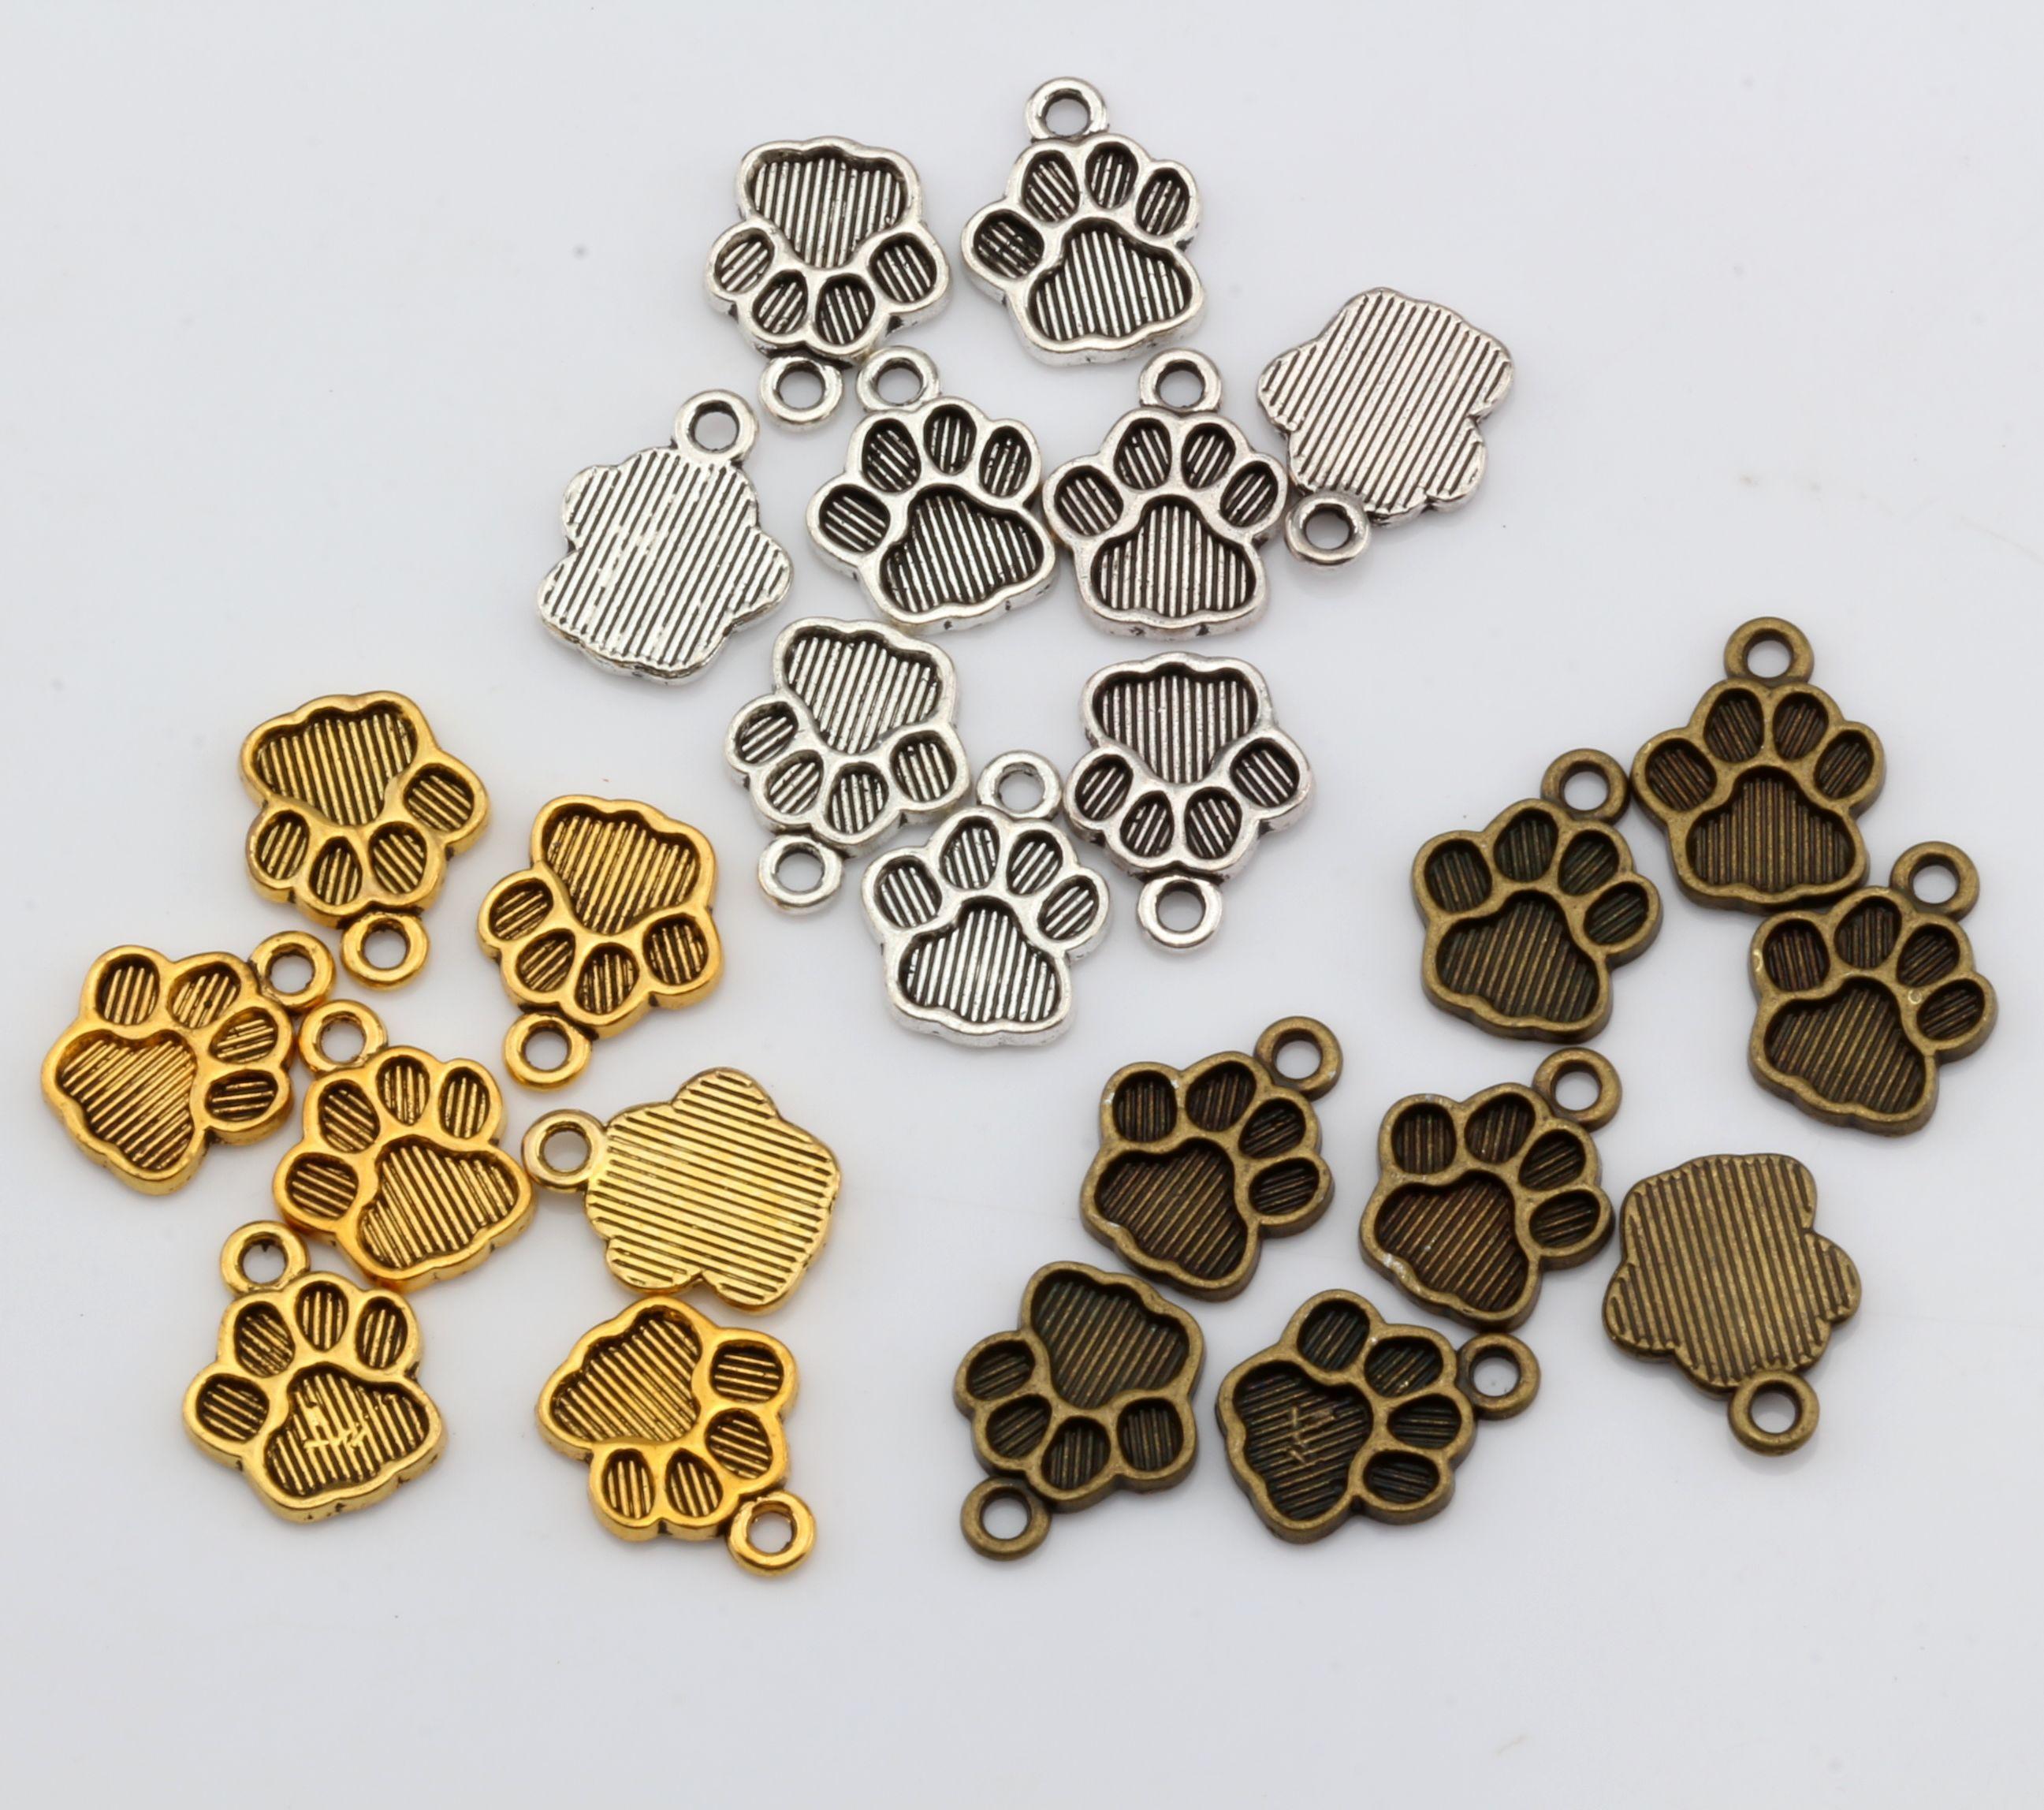 Vendite calde! 250 pezzi d'argento antico / bronzo antico / oro antico tono zampa stampa pendenti ciondolo 12 * 15mm gioielli fai da te